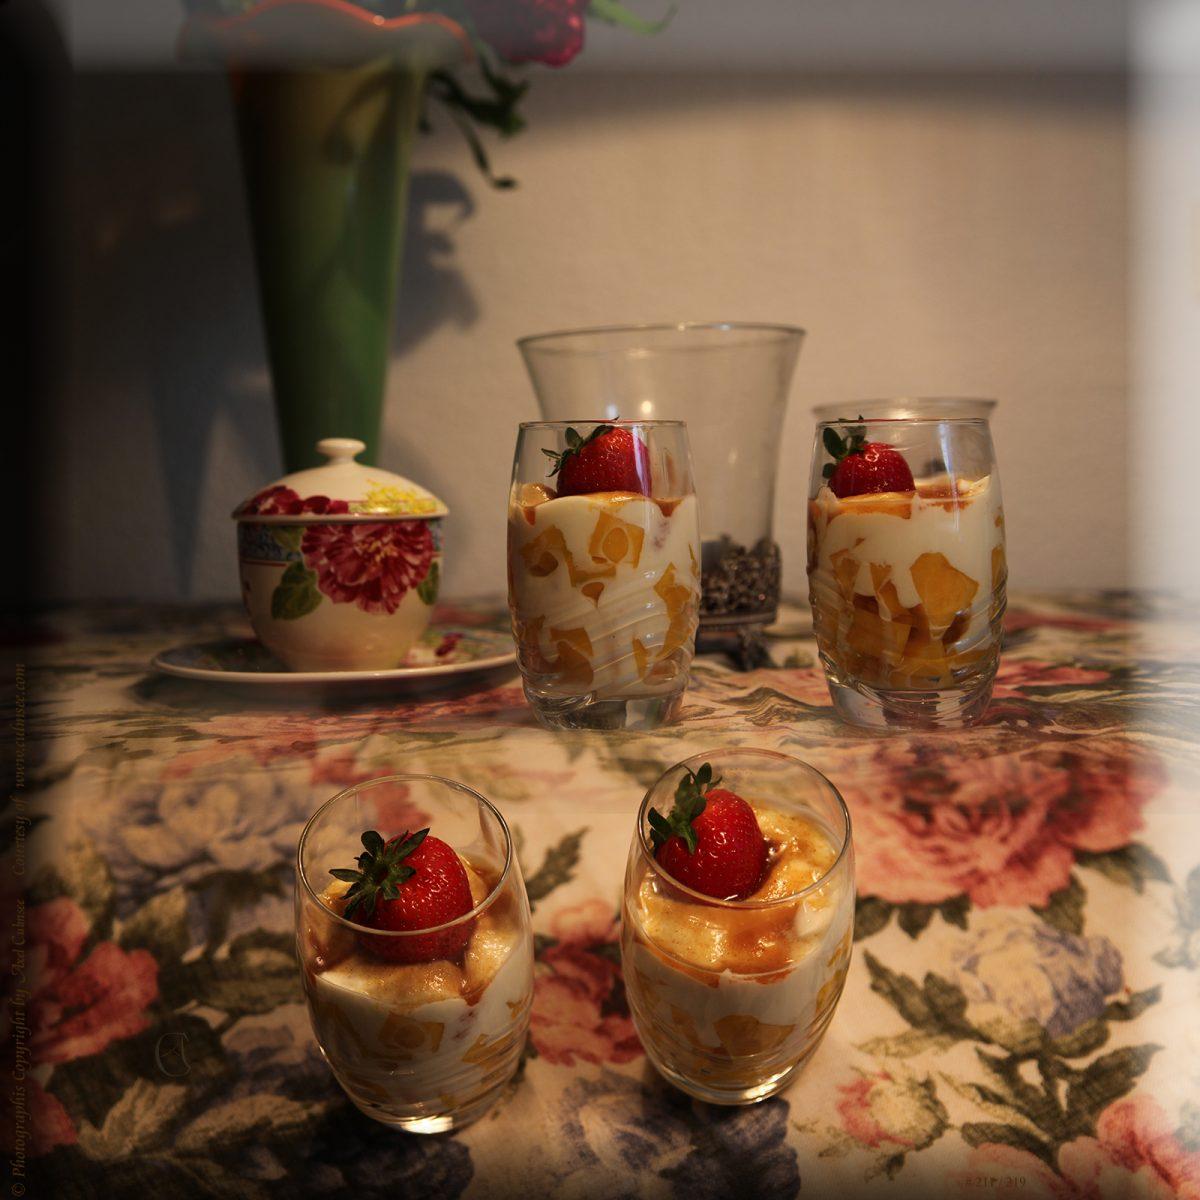 Mango-Quaderchen in griechischer Joghurt-Mousse avec Fraise sauvage unter Rohrzucker-Hauch